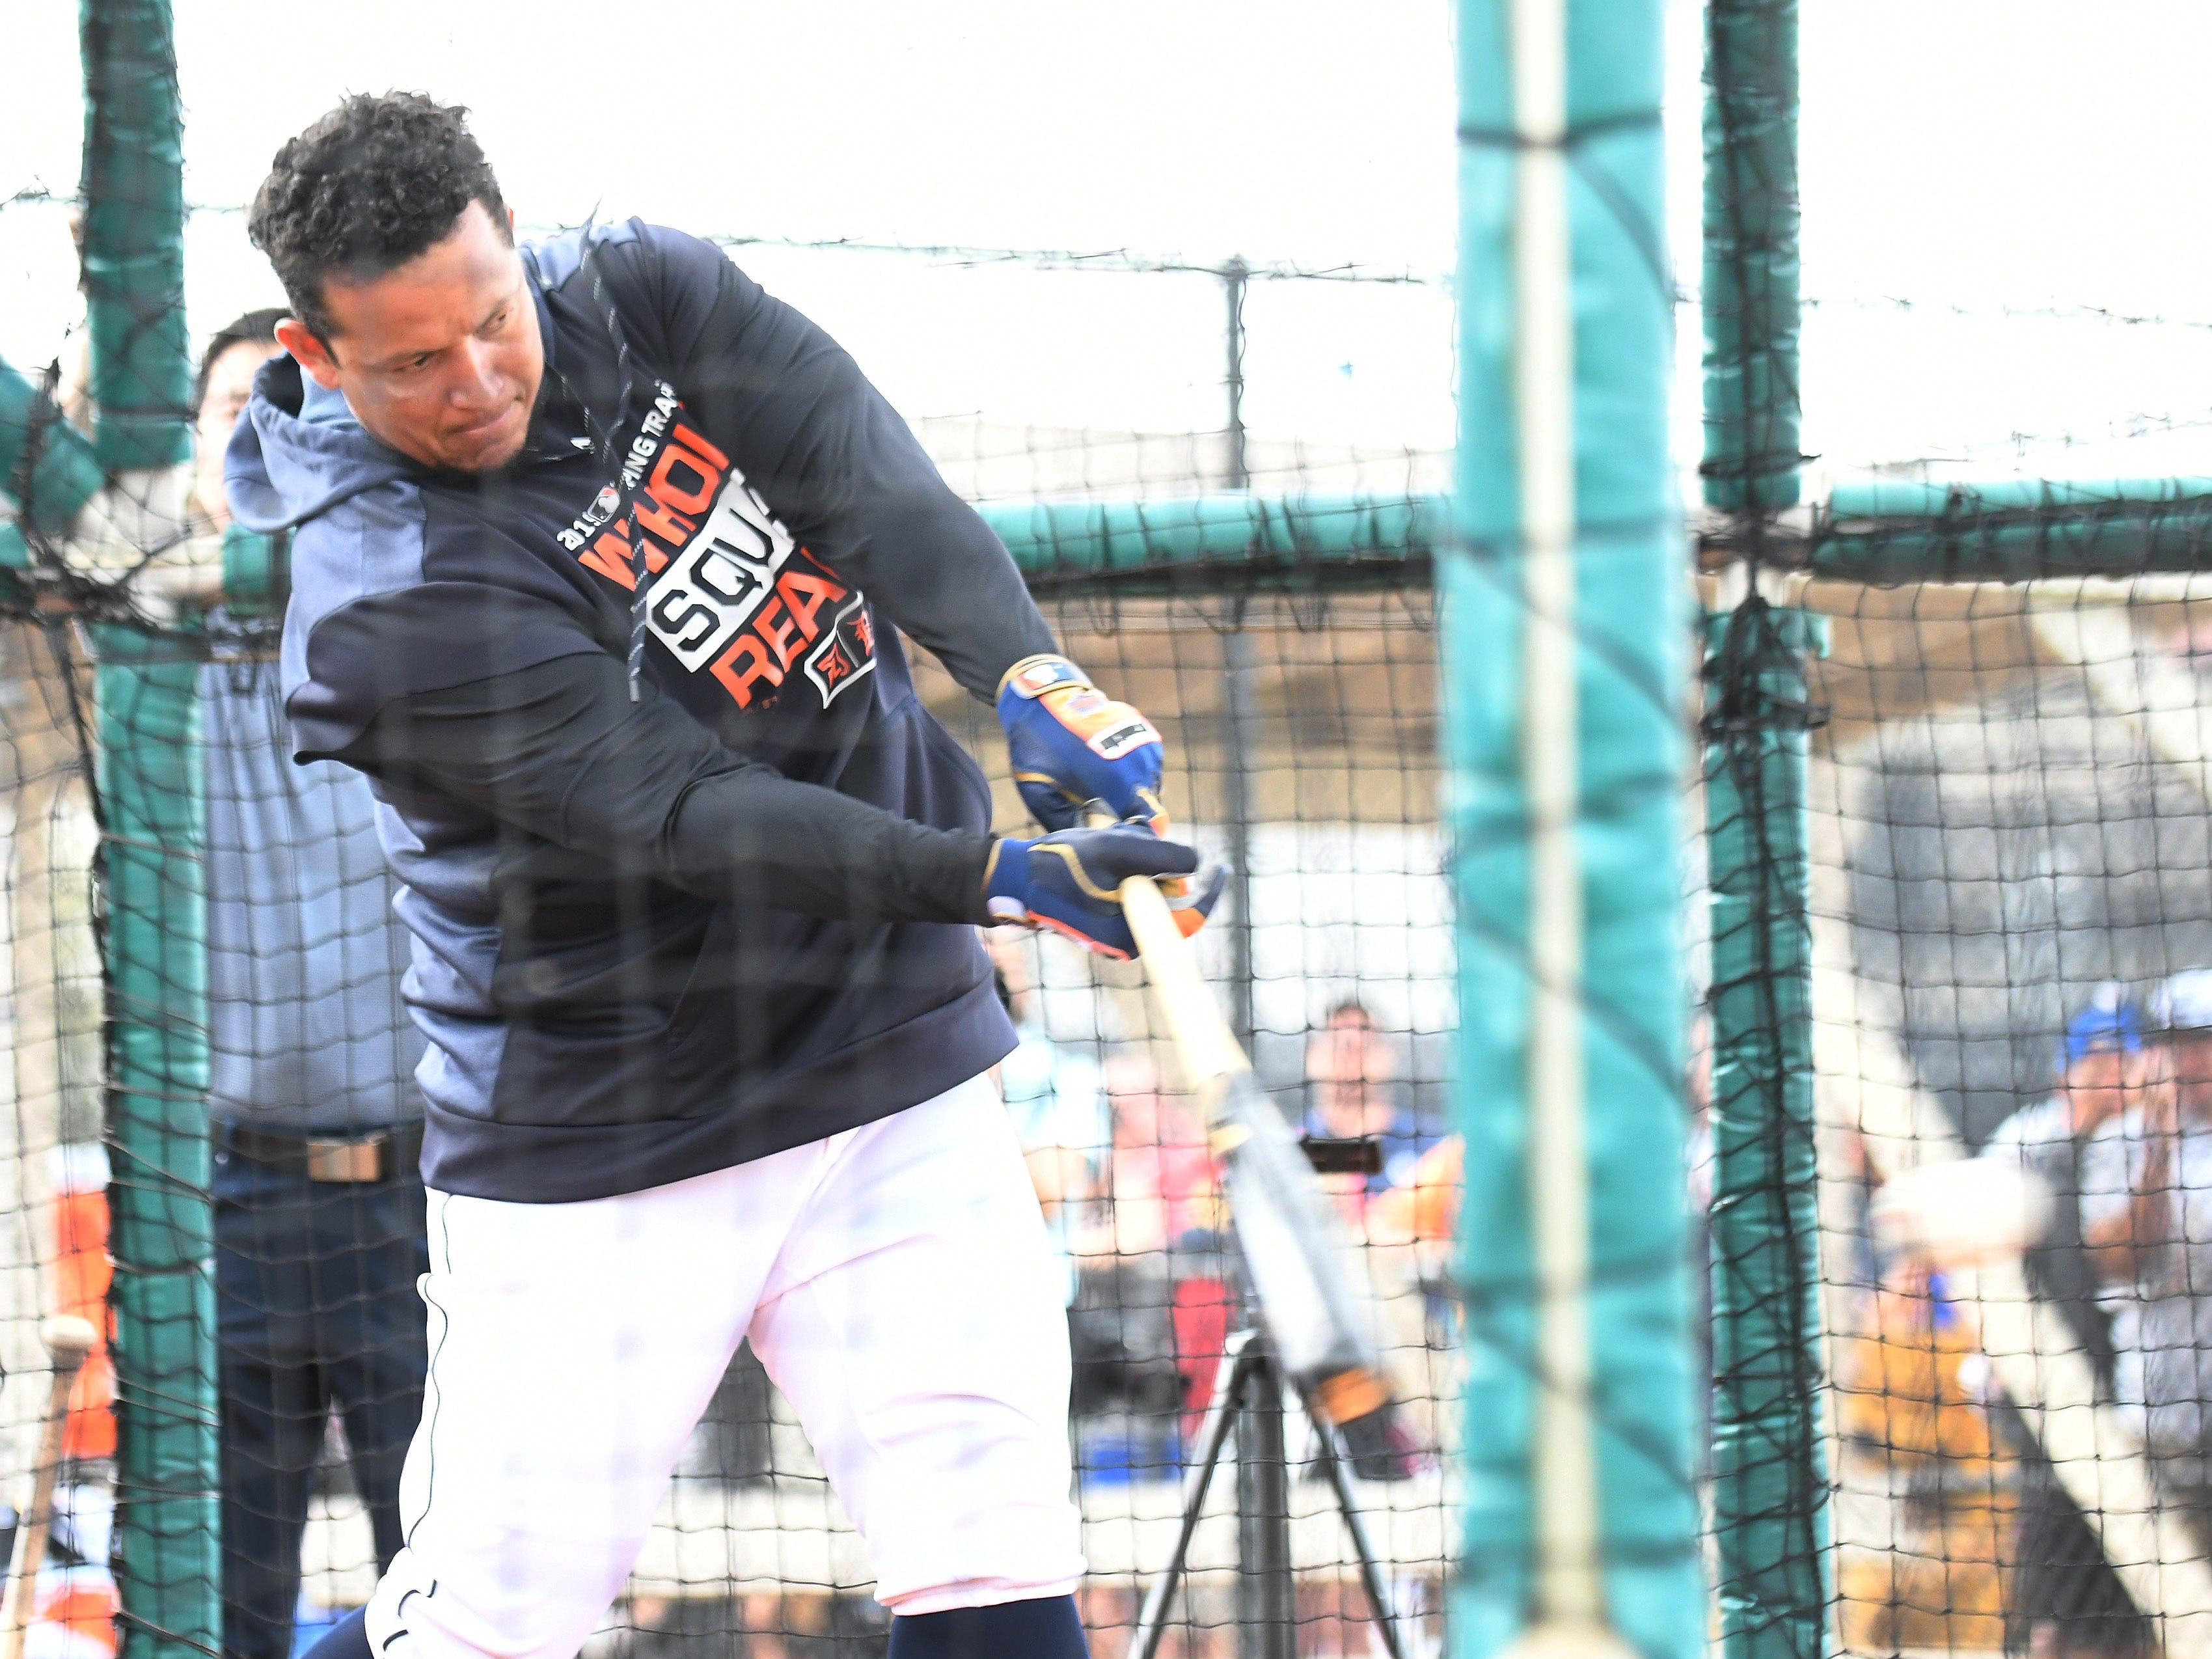 Tigers' Miguel Cabrera takes batting practice.